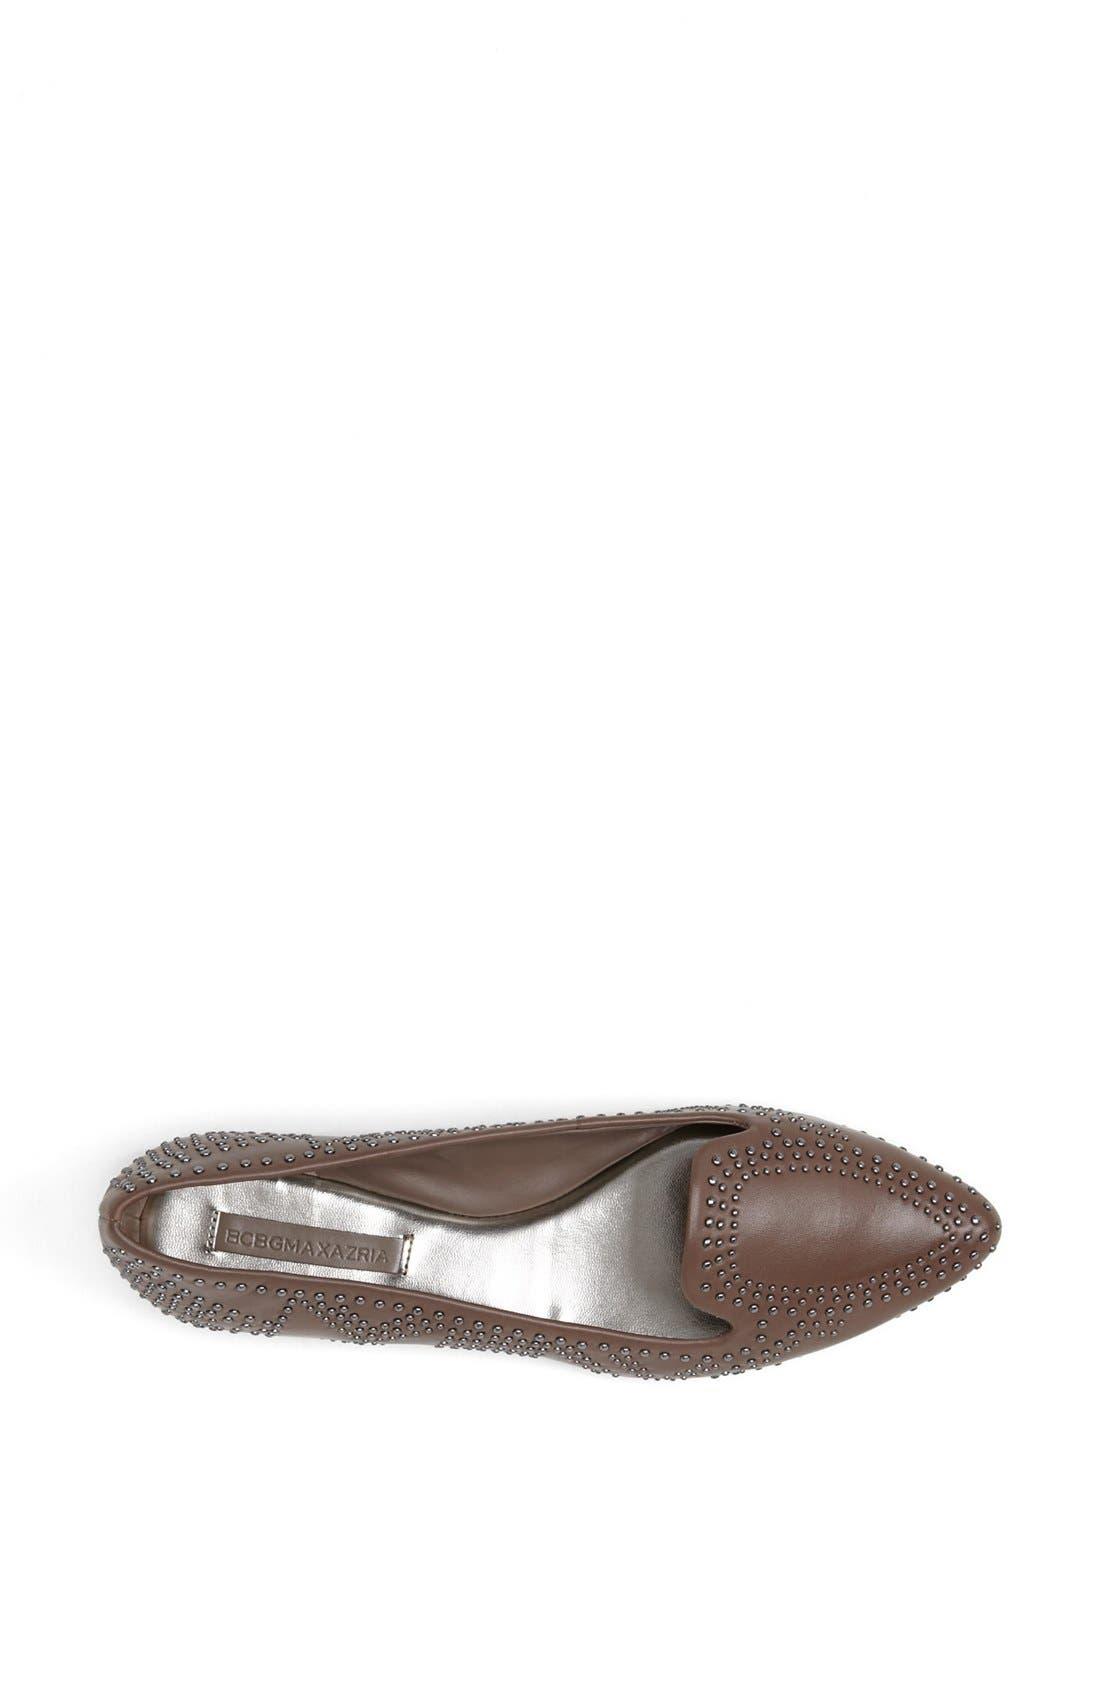 Alternate Image 3  - BCBGMAXAZRIA 'Tille' Loafer